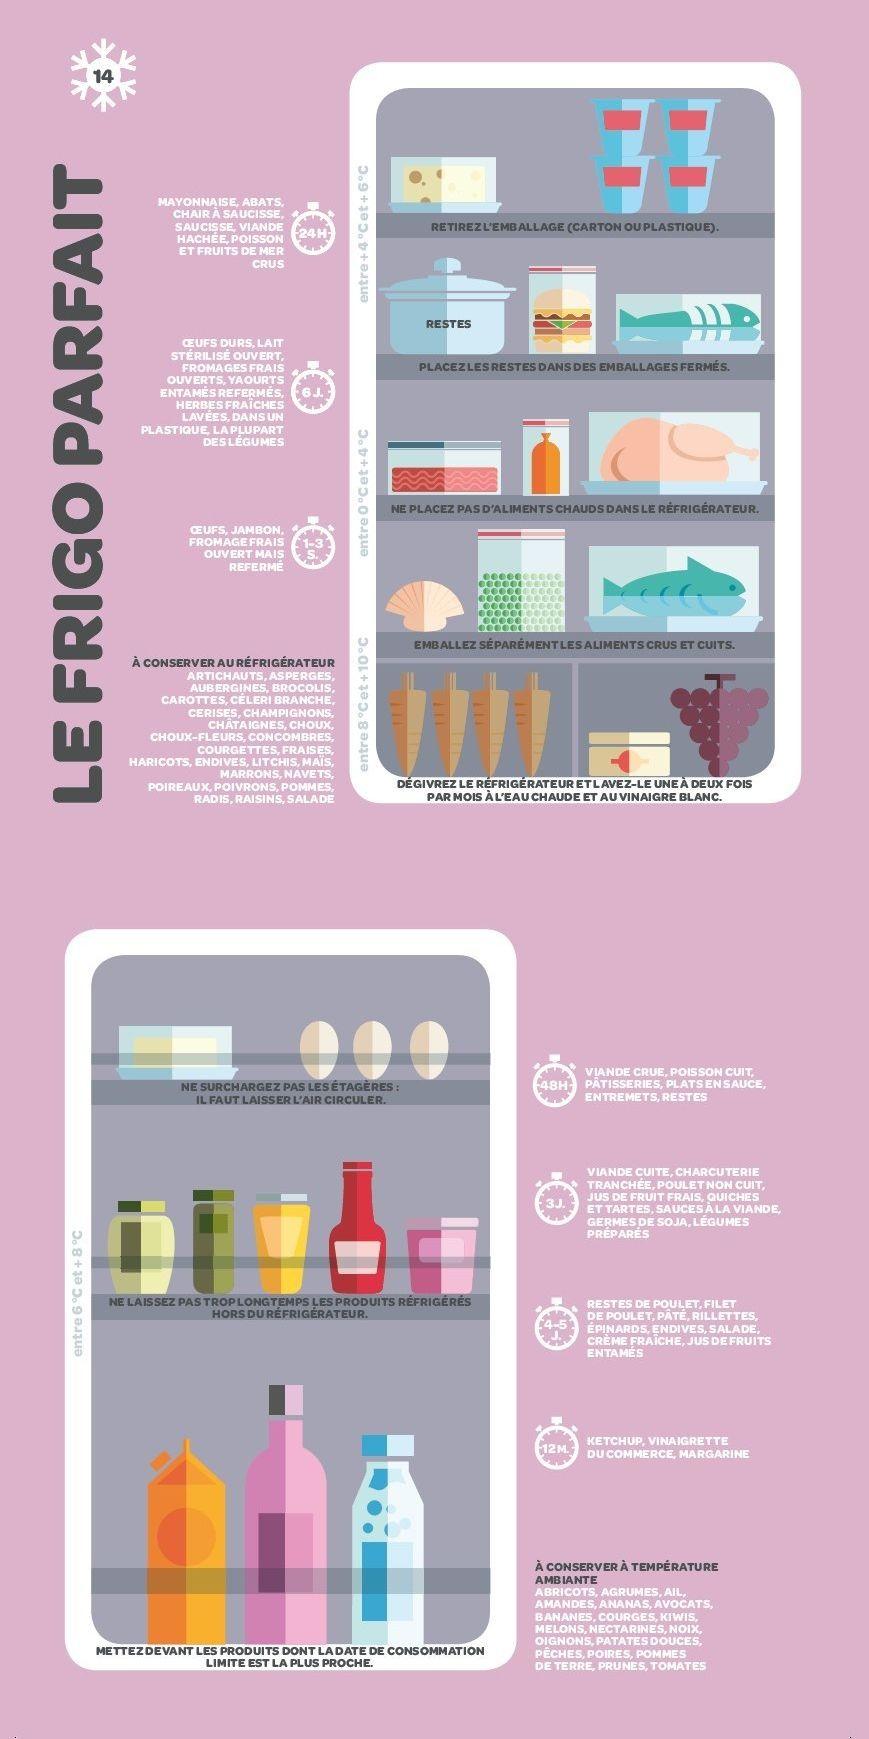 conseils pour organiser son frigo